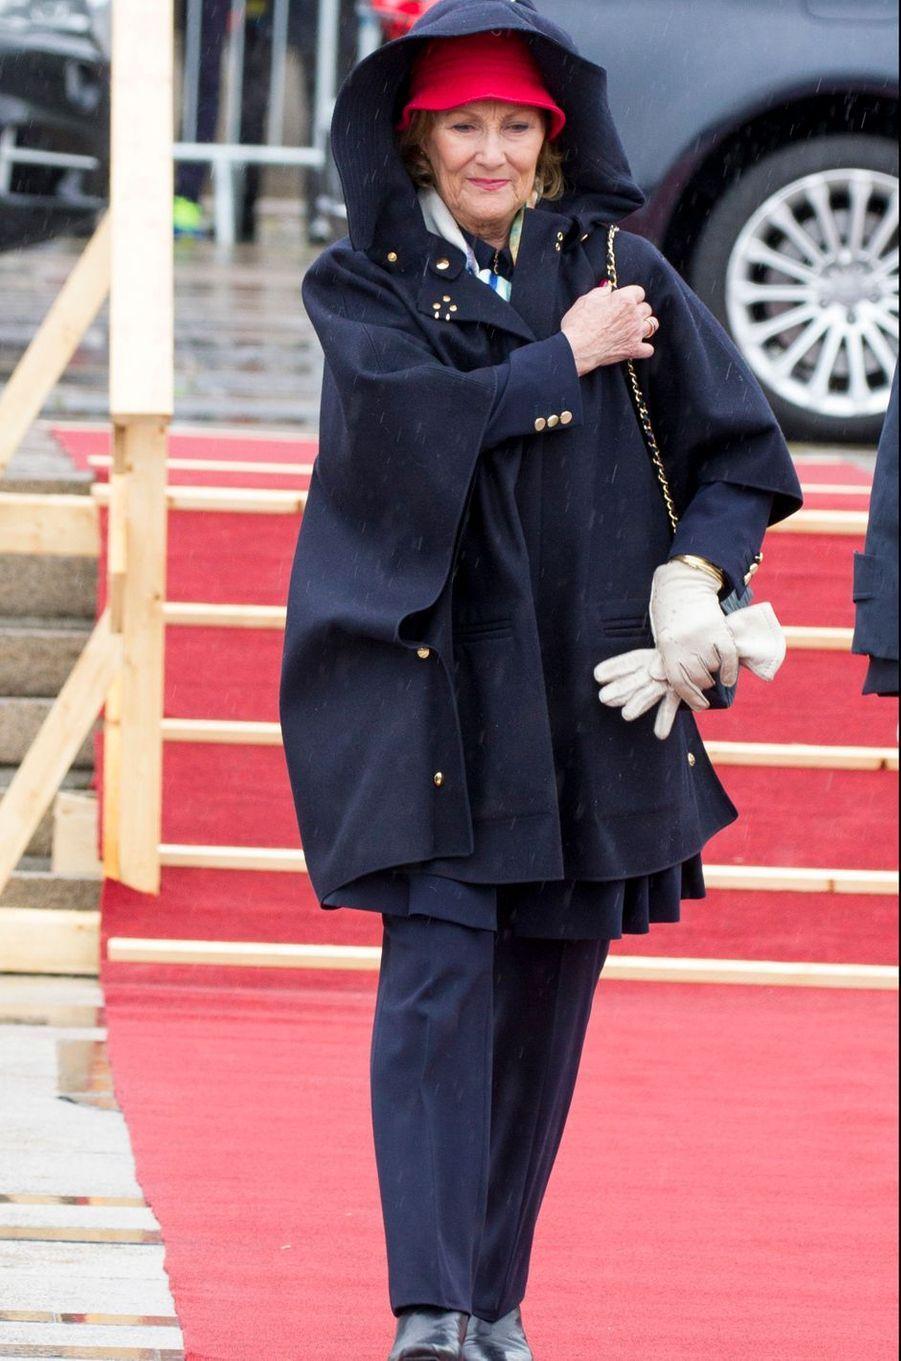 La reine Sonja de Norvège à Oslo, le 10 mai 2017